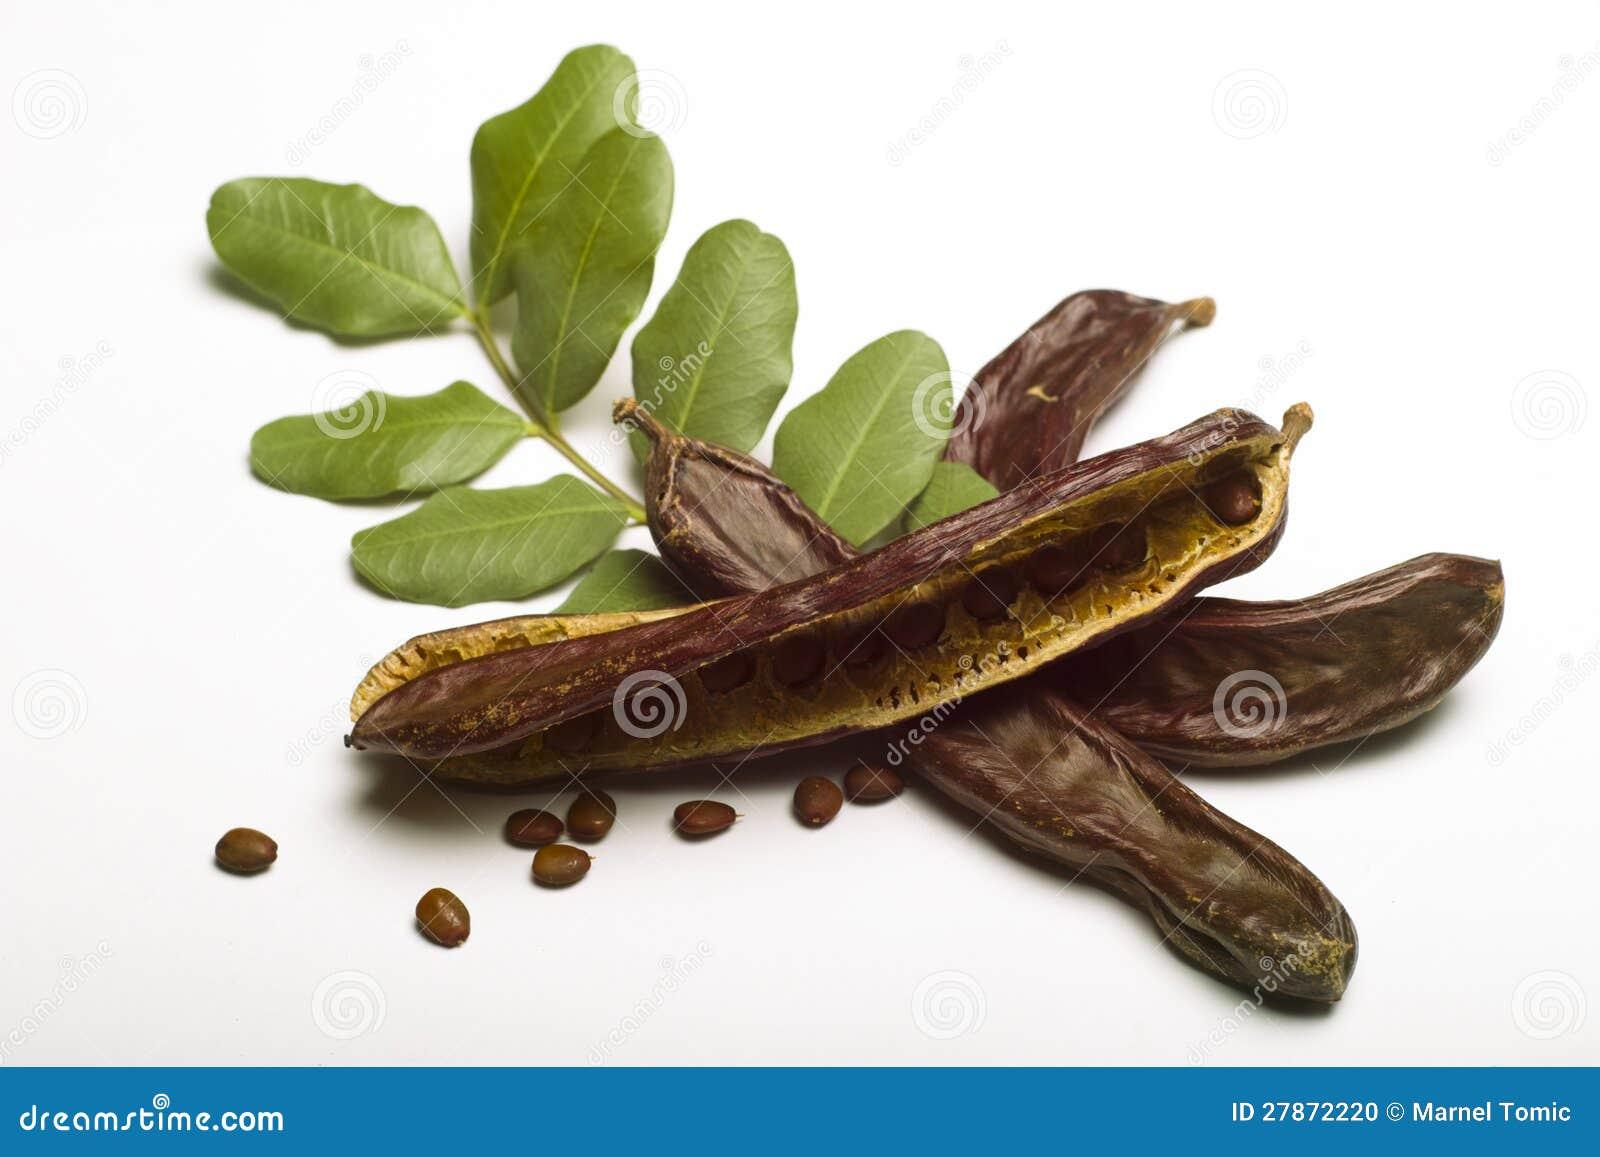 Carob (Ceratonia siliqua) with leaf